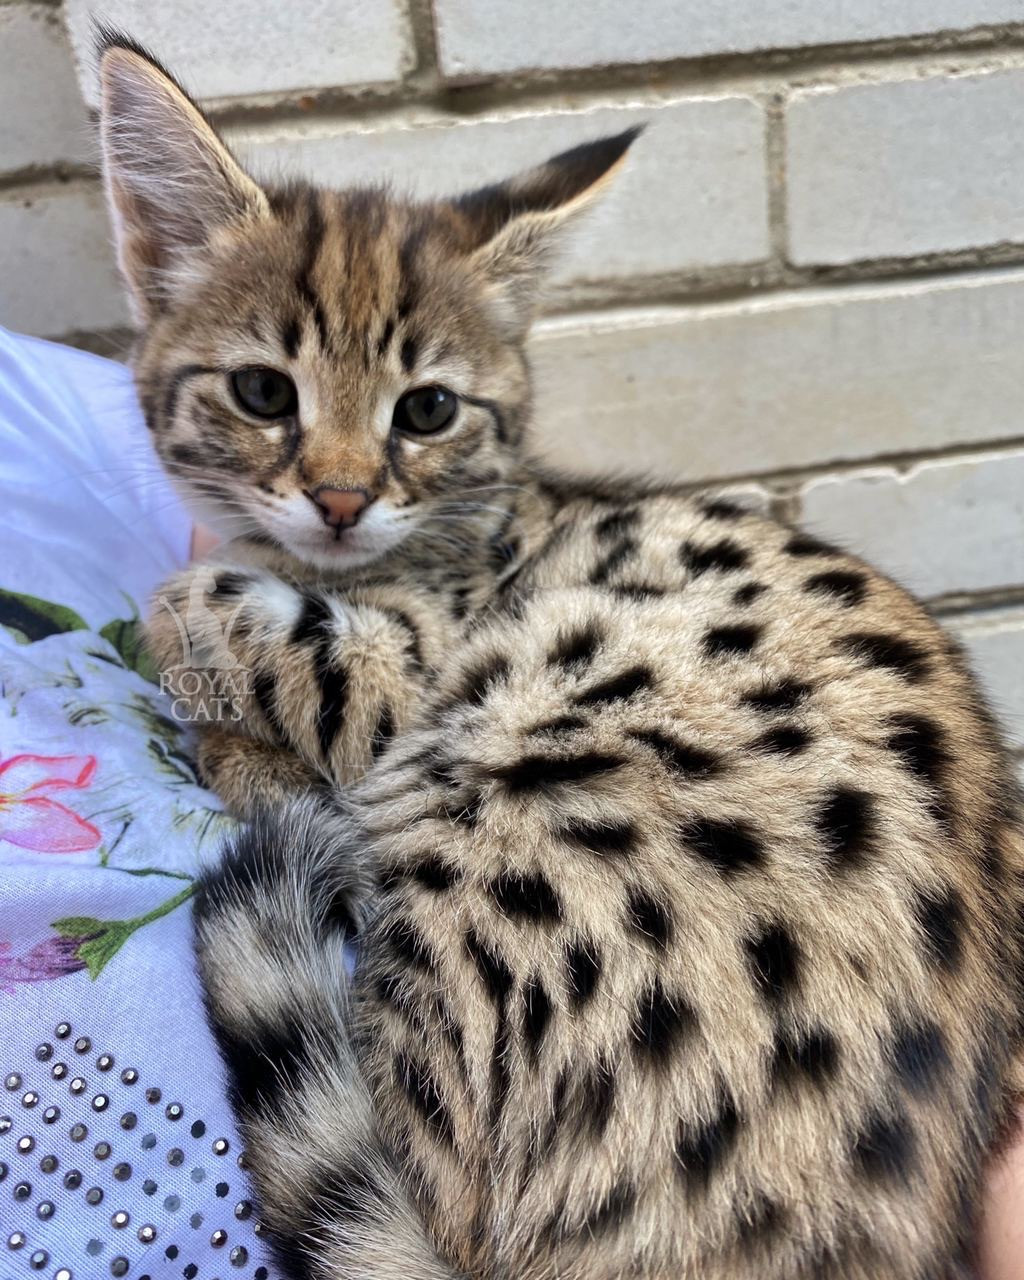 Кошечка Саванна Ф1, родилась 12/07/2020. Котята Саванна Ф1, питомник Royal Cats. Украина, Киев